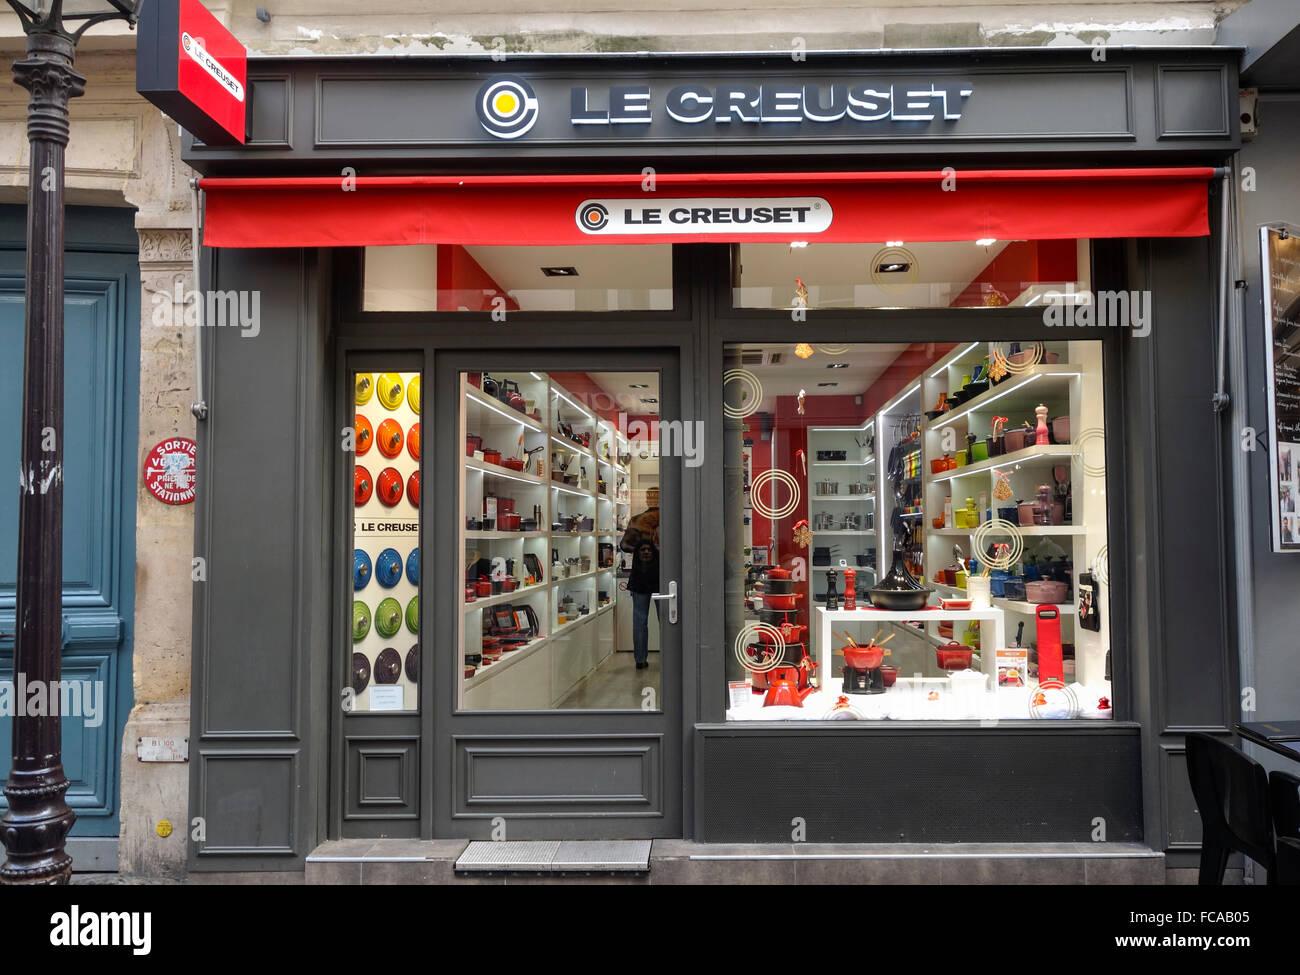 Le Creuset, fenêtre, façade, magasin de cuisine Française, Paris, France. Photo Stock